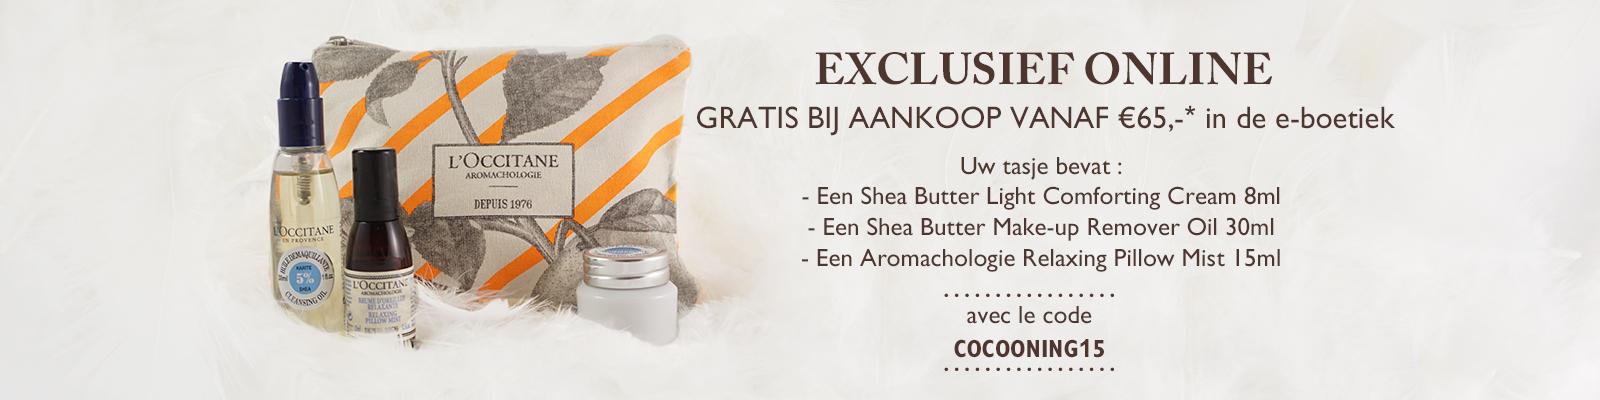 GRATIS BIJ AANKOOP VANAF €65,-* in de e-boetiek